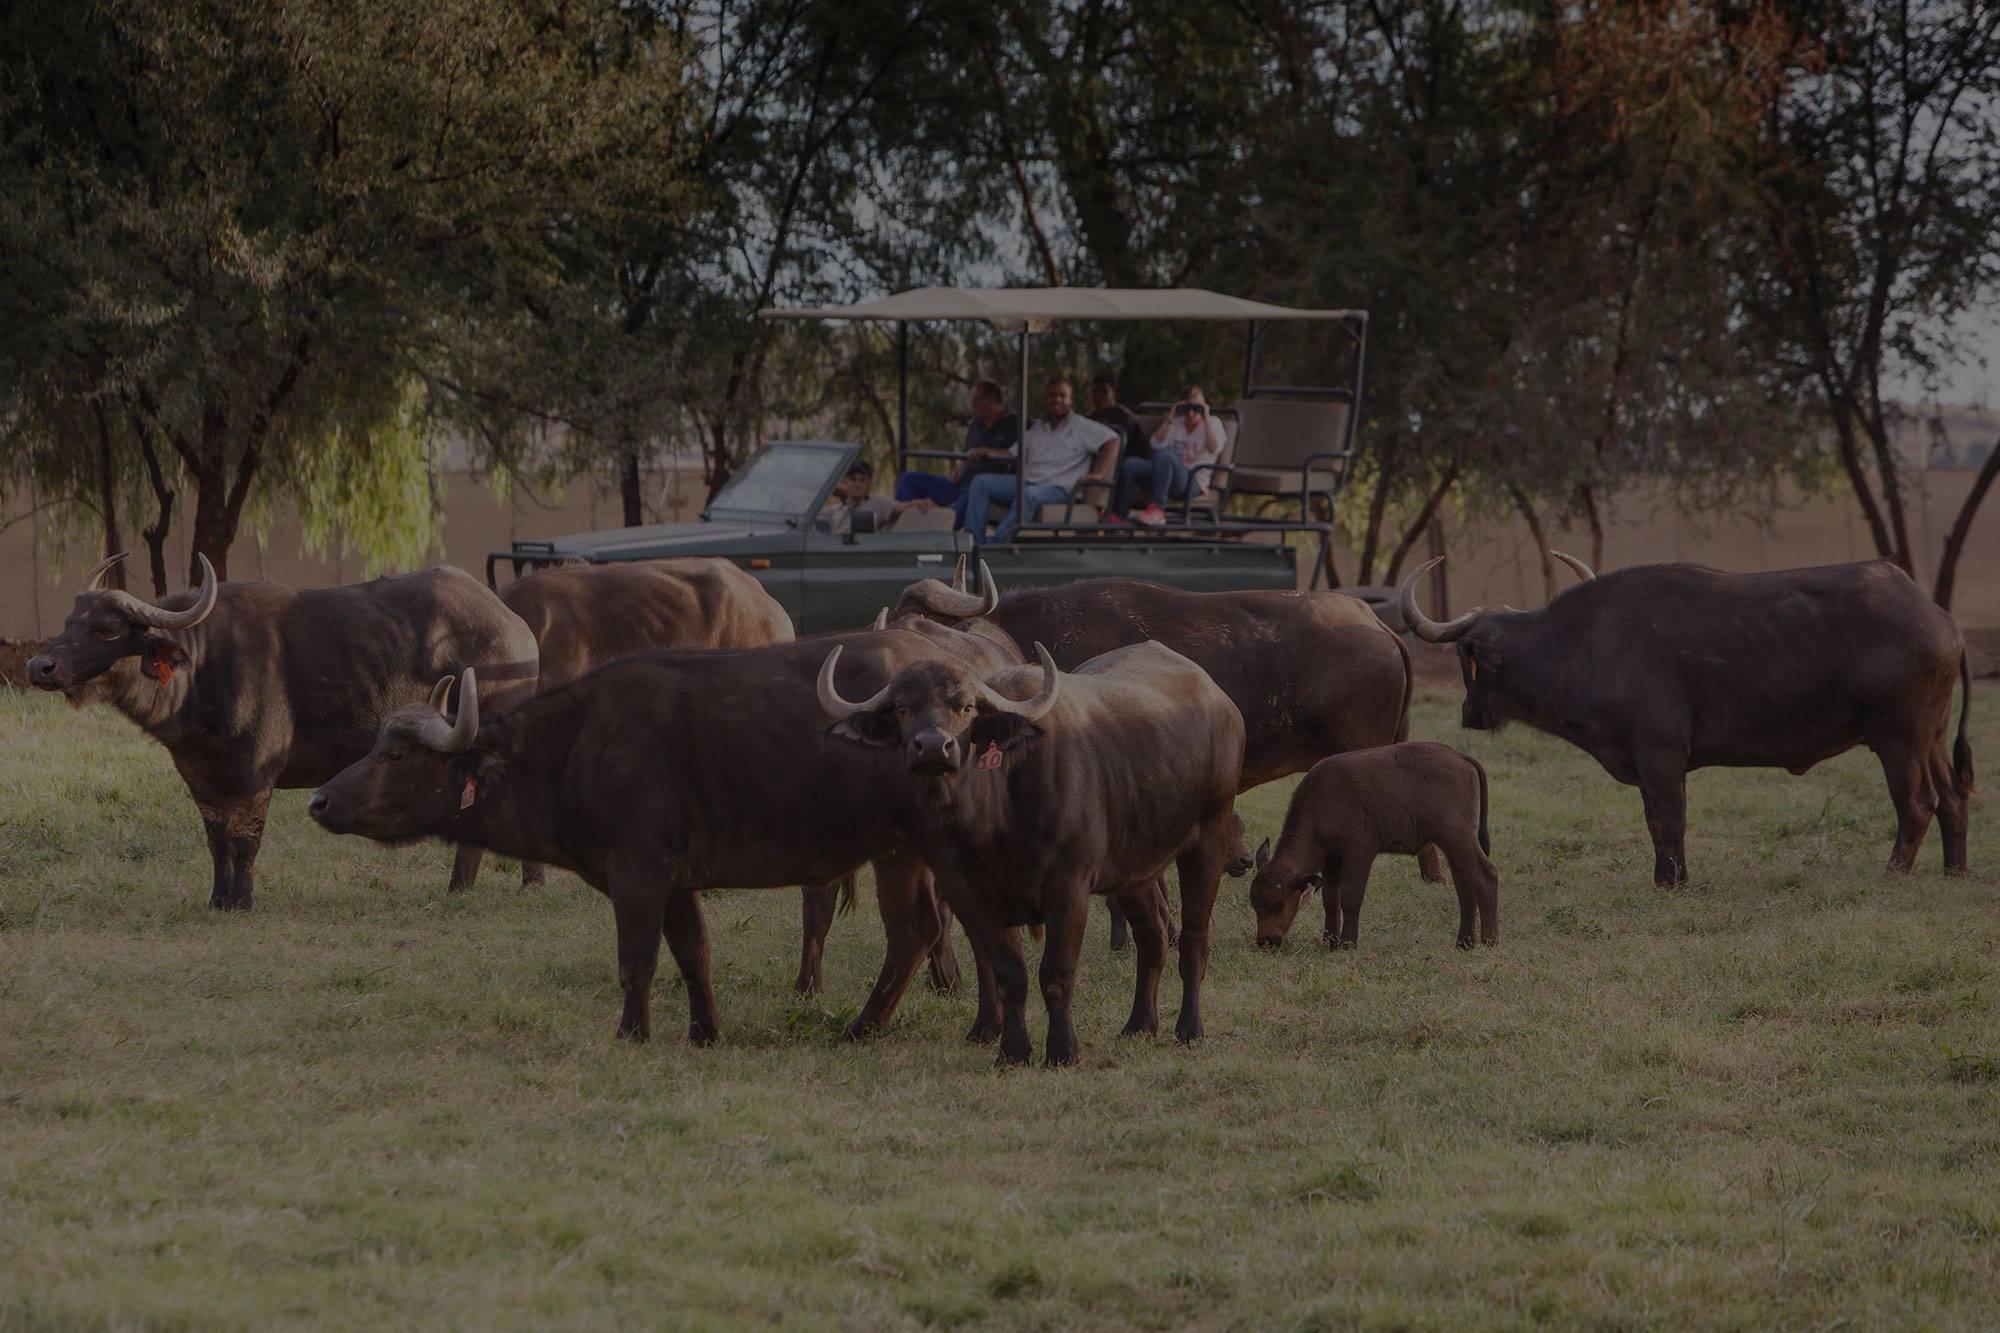 Buffalo experience